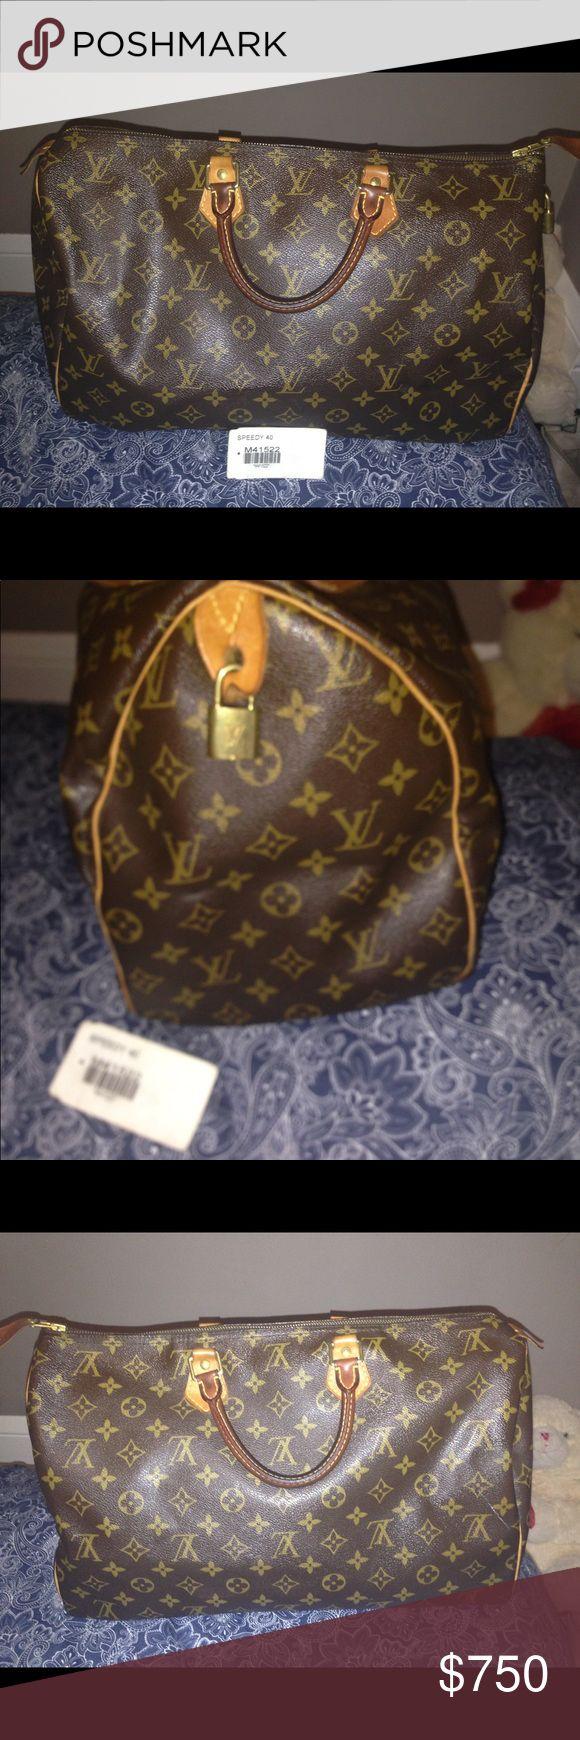 Louis Vuitton Speedy Bag 40 Louis Vuitton Bags Totes